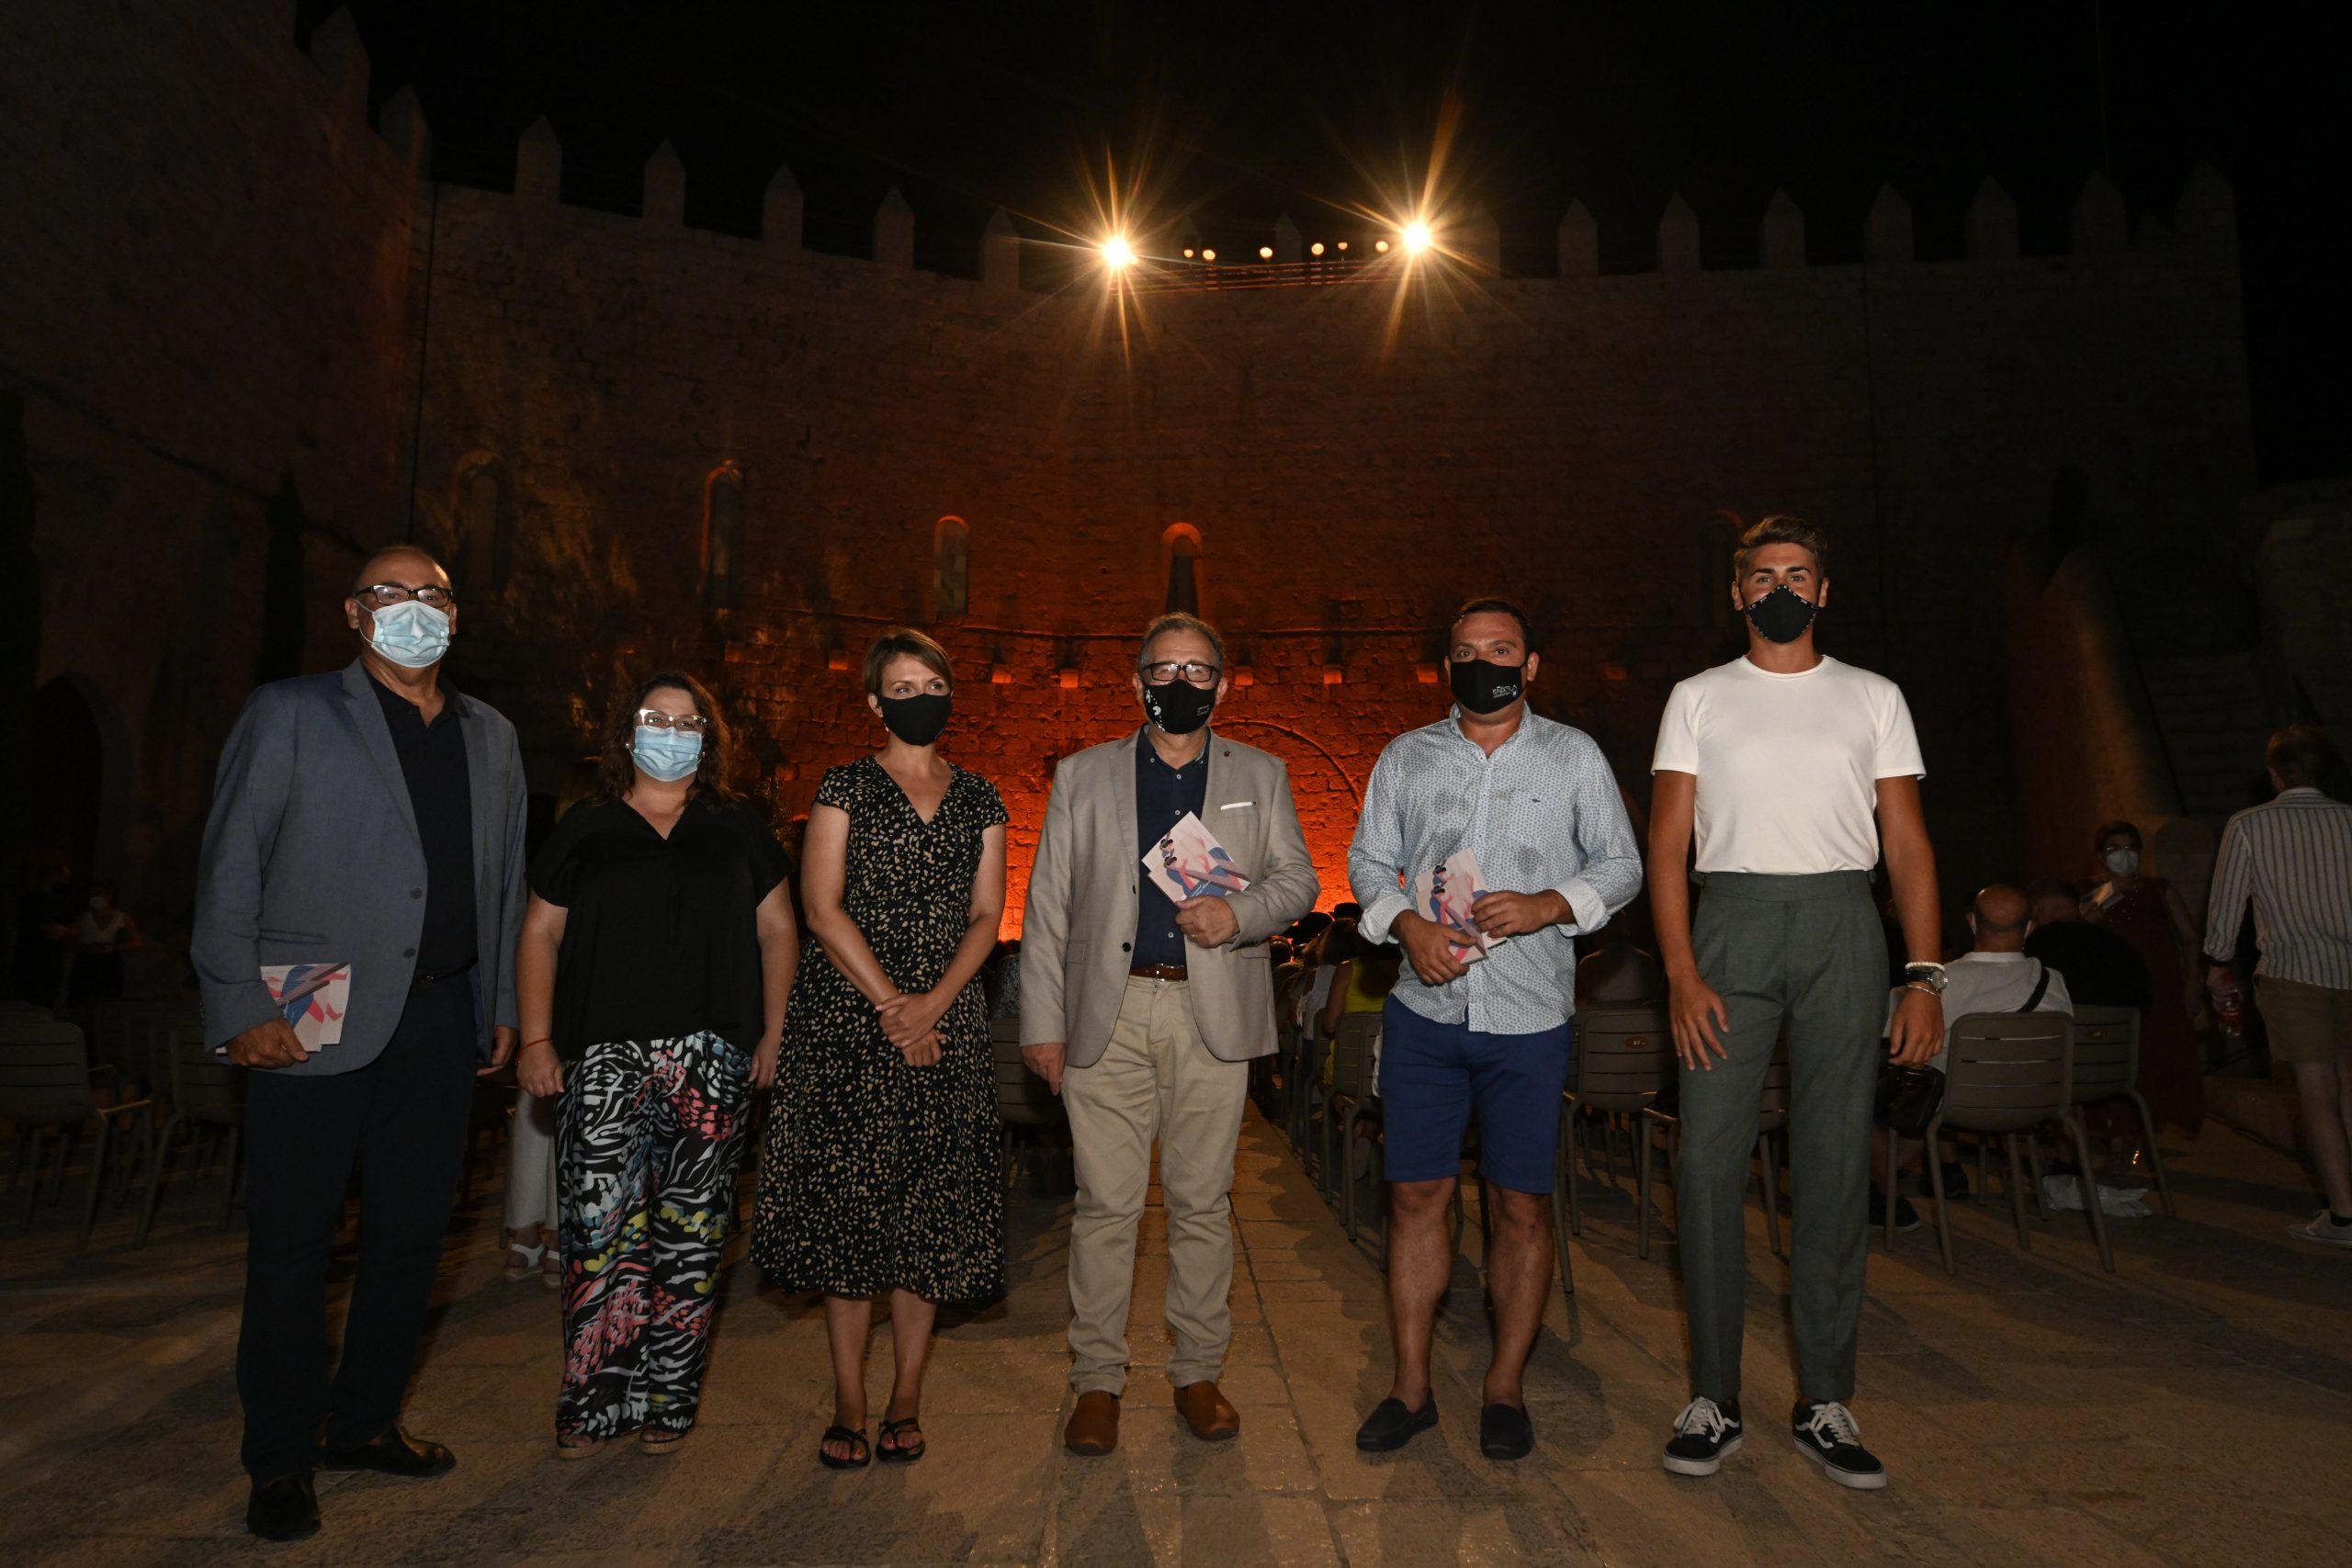 José Martí y Ruth Sanz asisten a la inauguración del Festival de Música Antiga i Barroca de Peñíscola